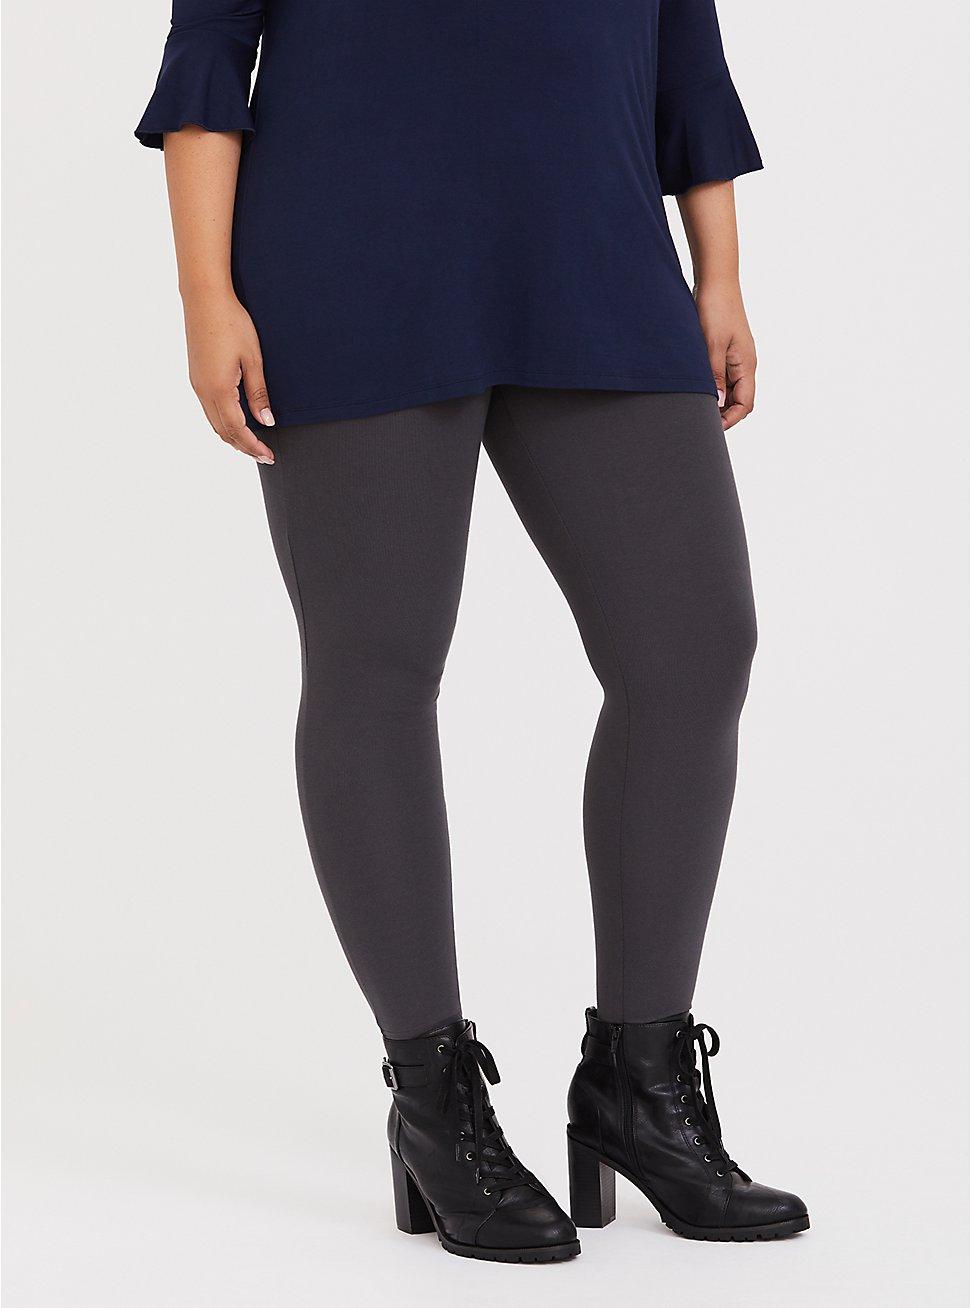 Slim Fix Premium Legging - Grey, GREY, hi-res